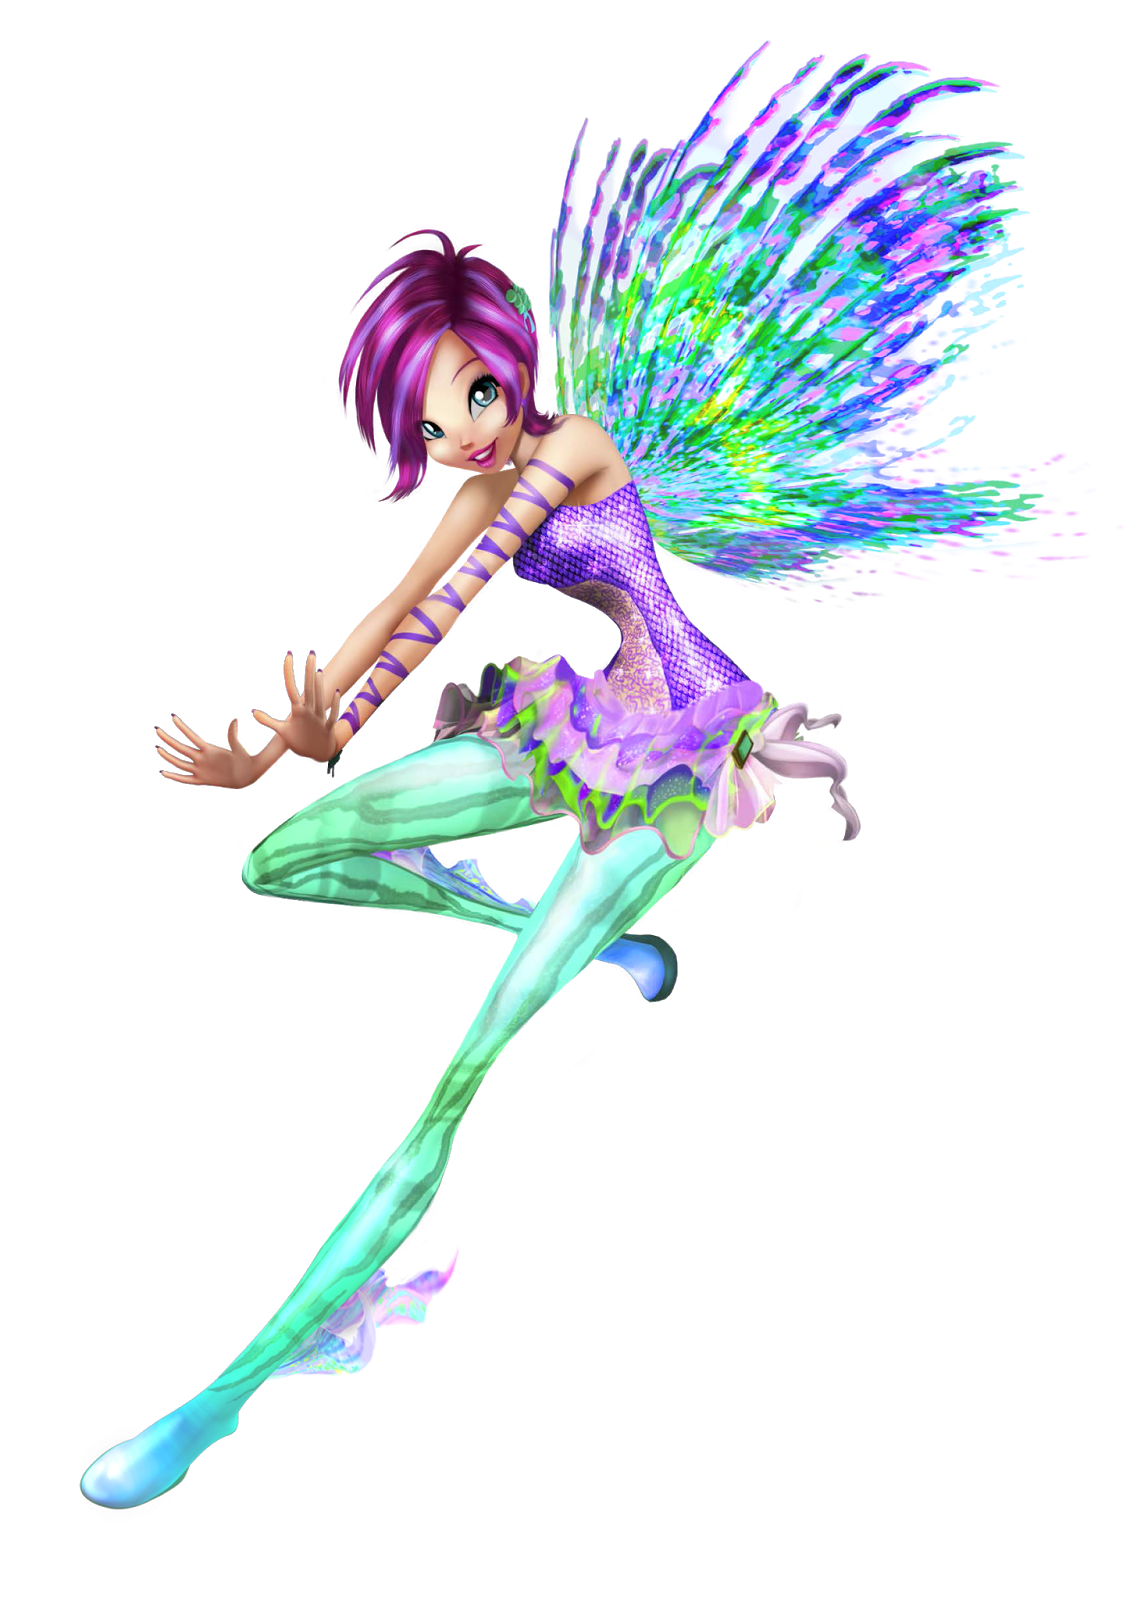 Winx club fairies tecna 39 s sirenix 3d - Winx club sirenix ...